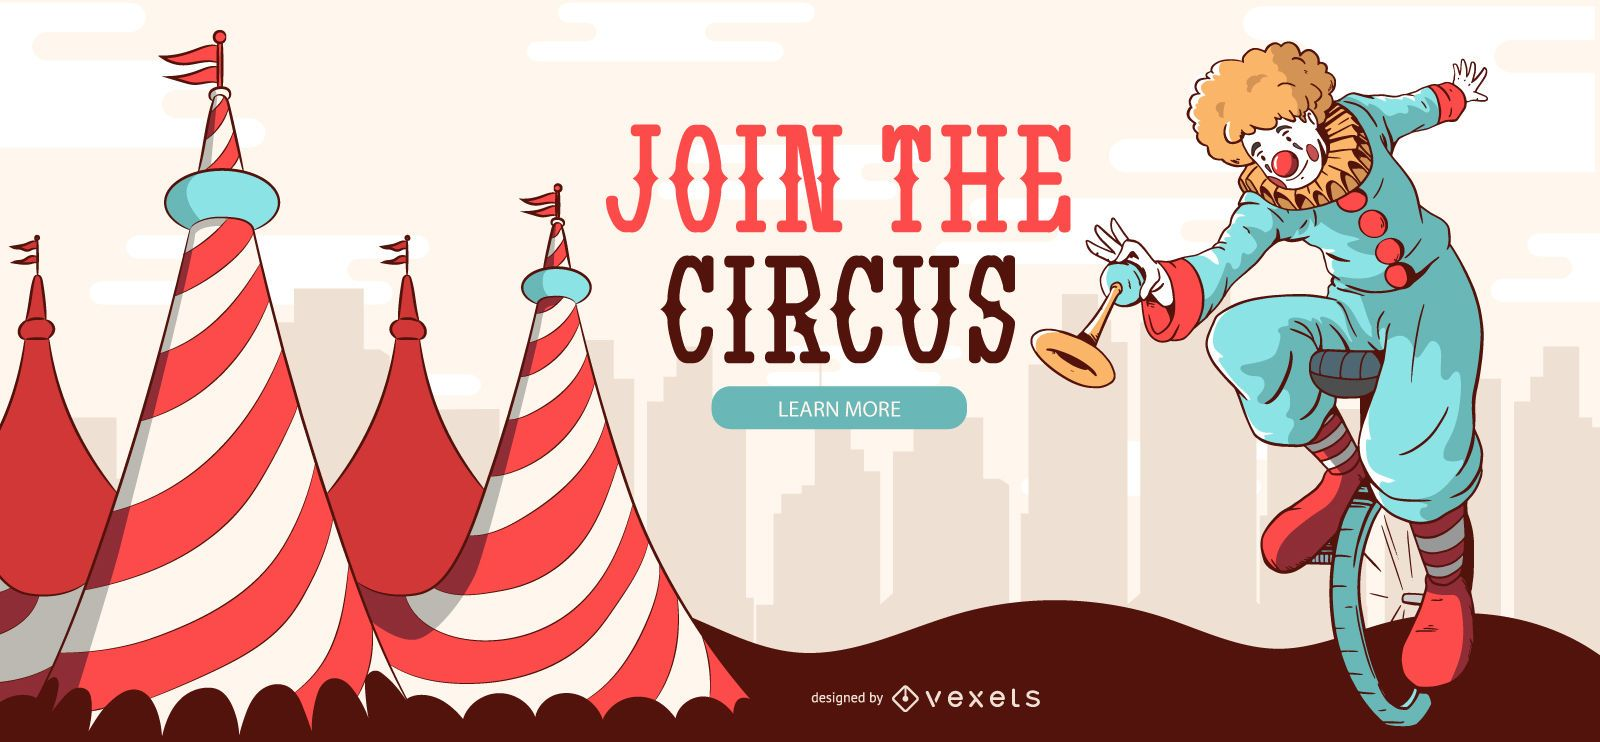 Circus clown editable banner